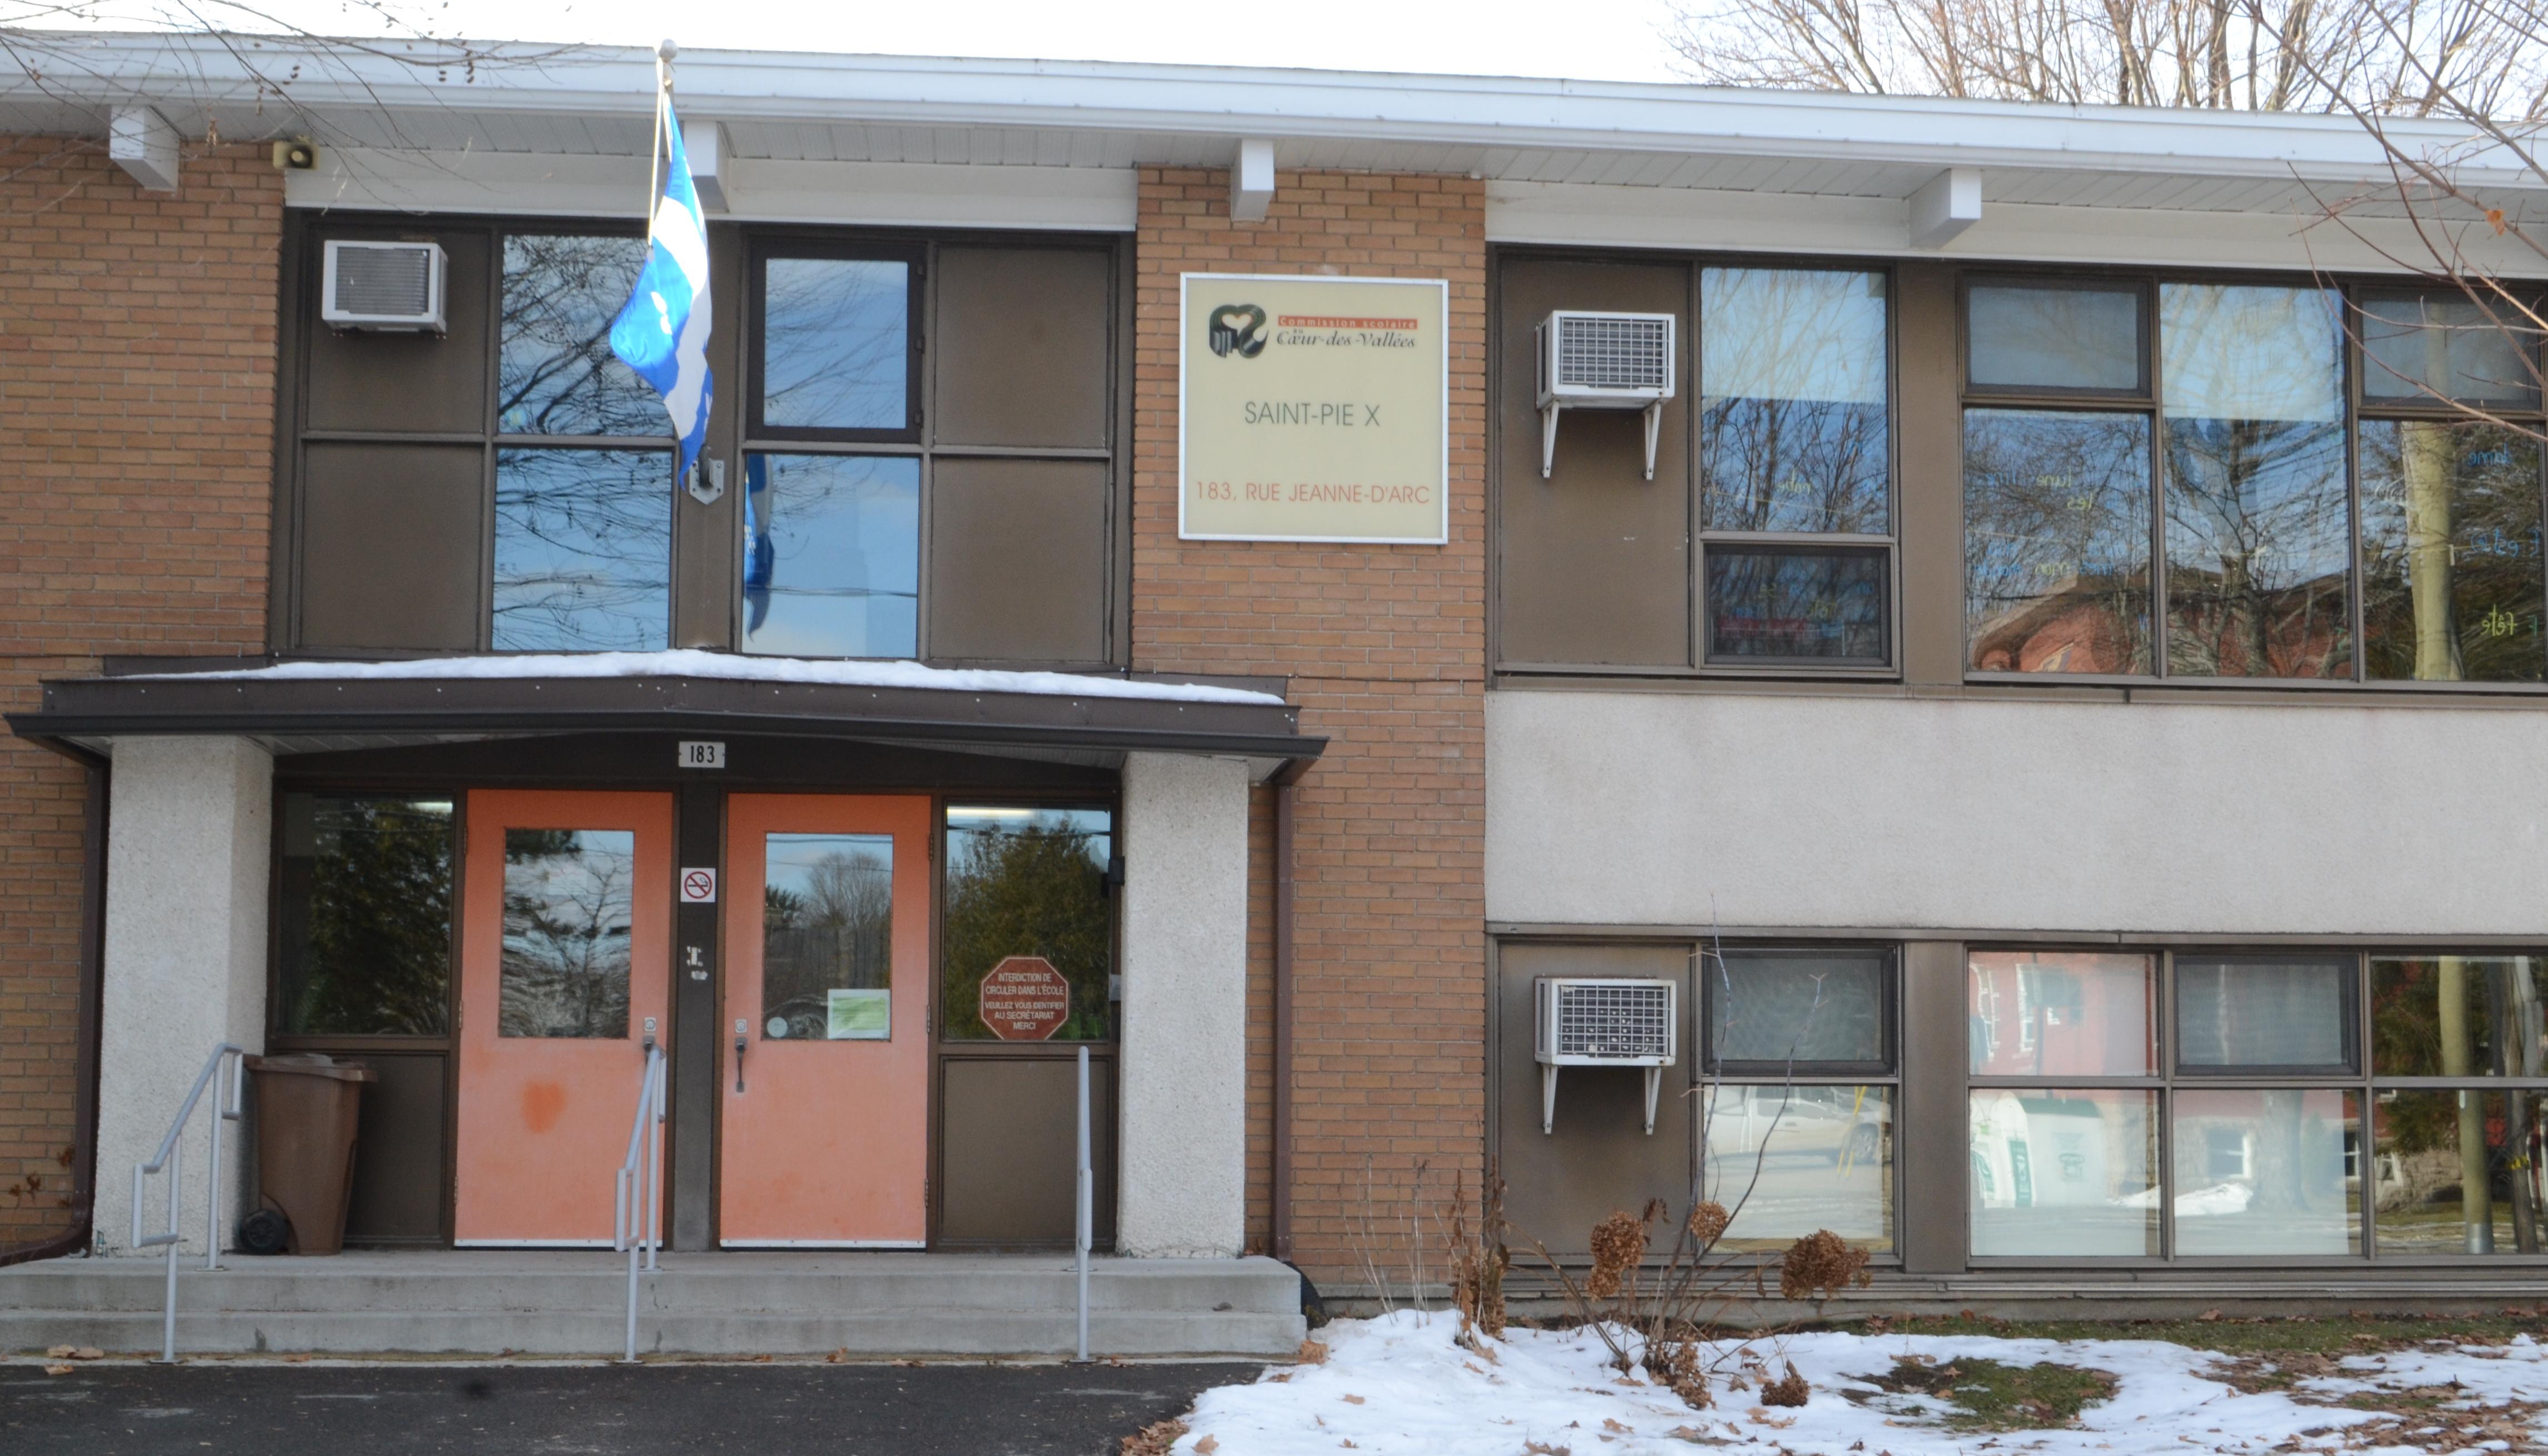 École Saint-Pie-X